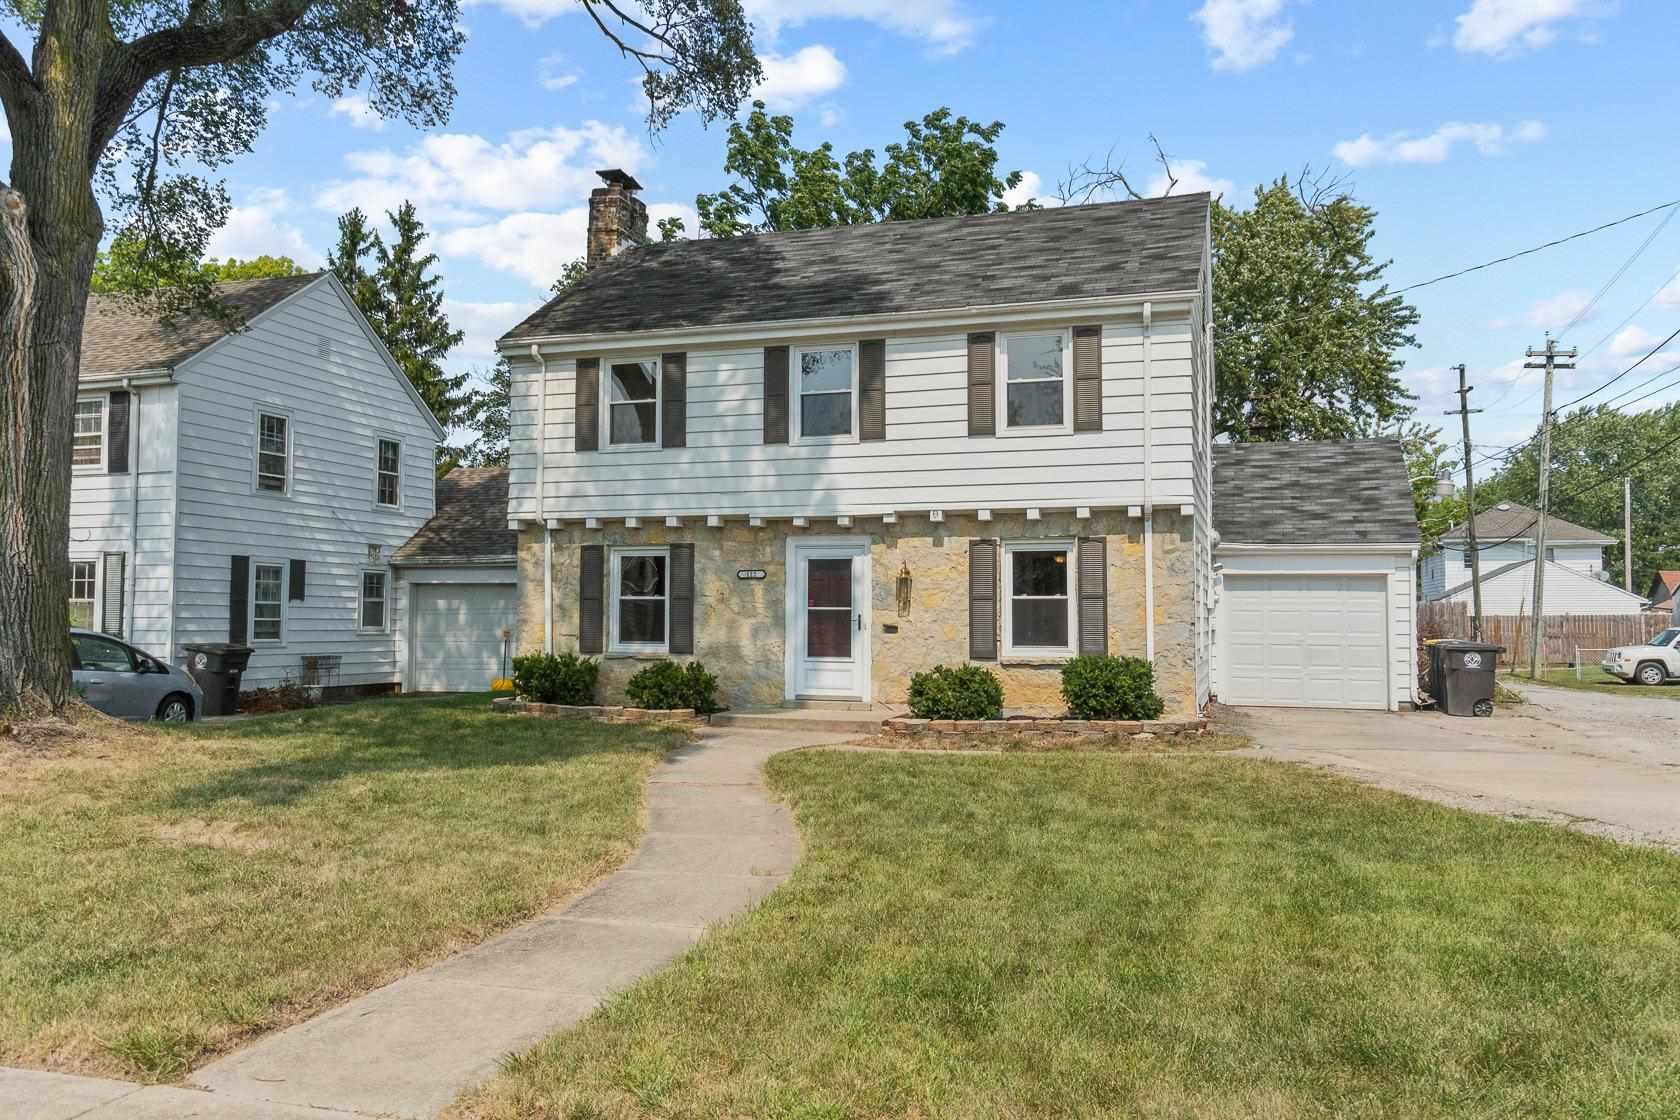 122 W Sherwood Terrace, Fort Wayne, IN 46807